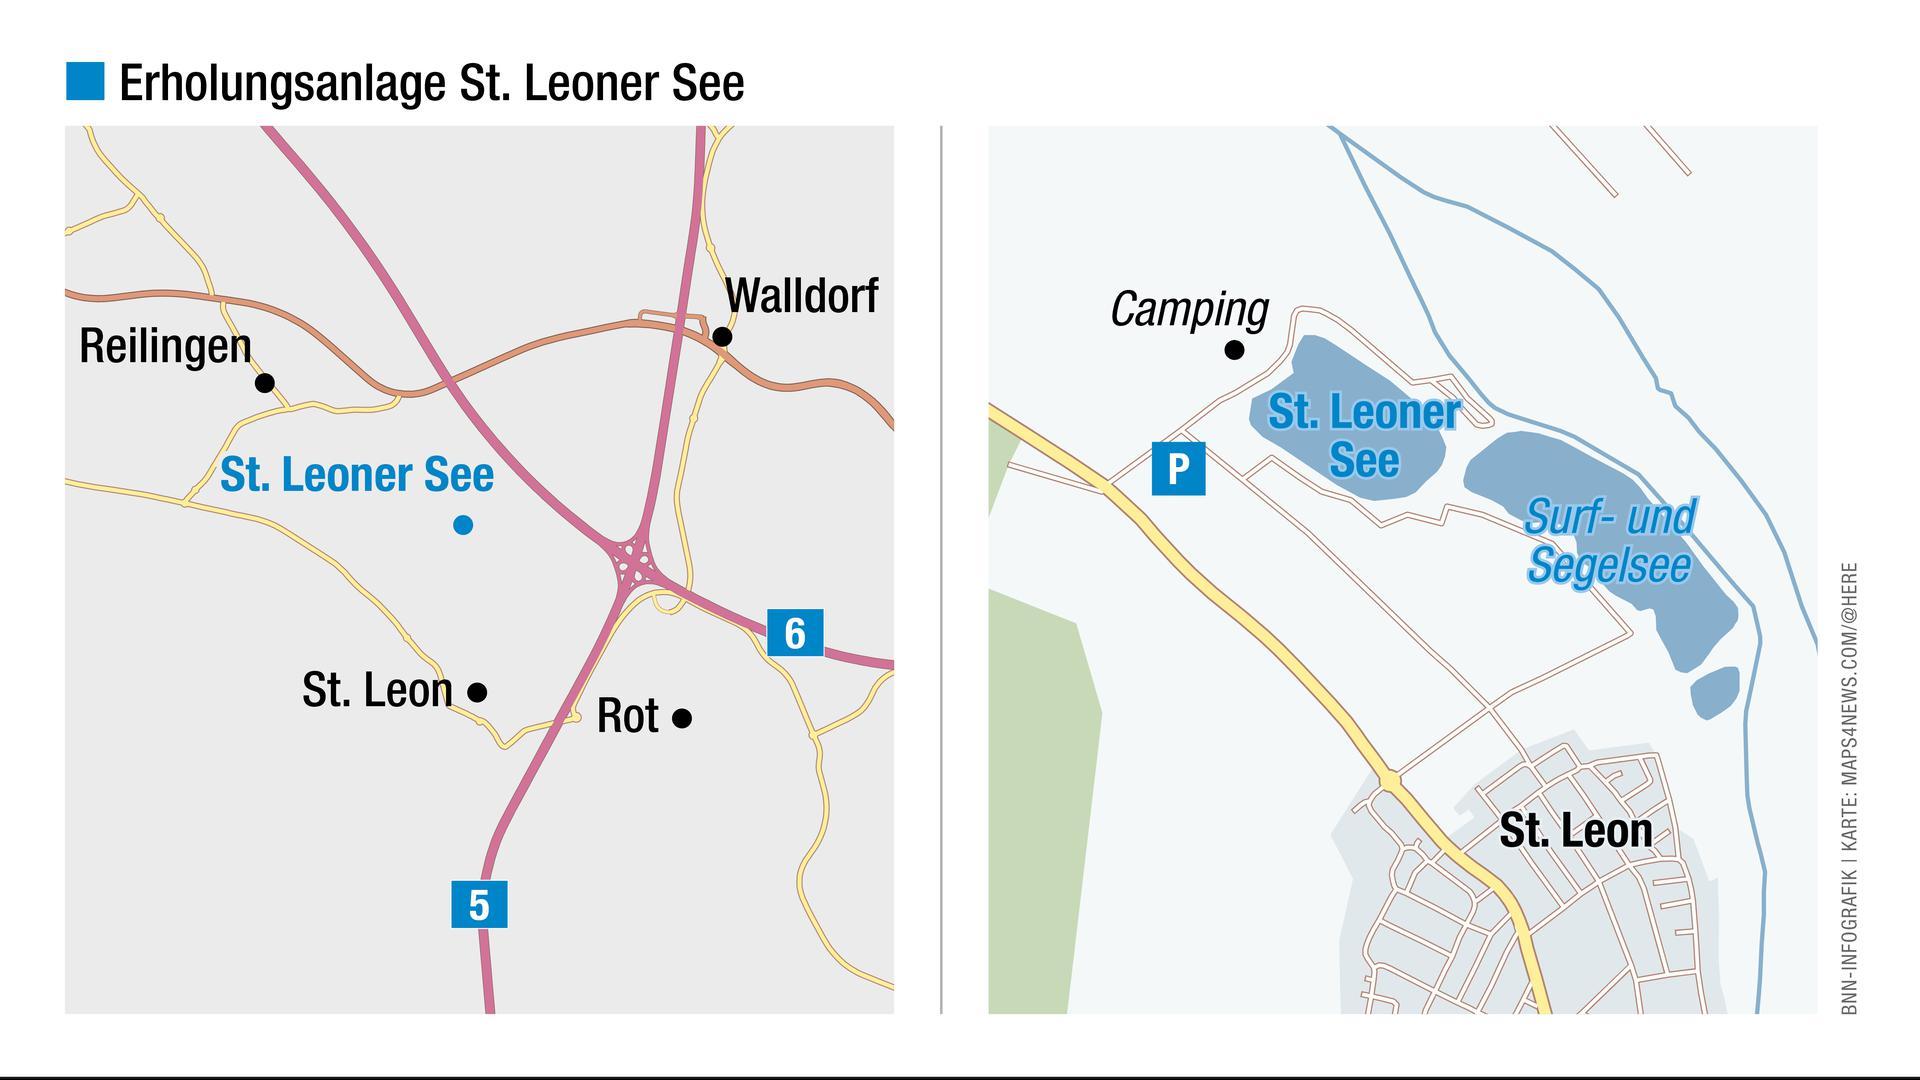 Eine Landkarte zeigt, wo sich der St. Leoner See befindet.